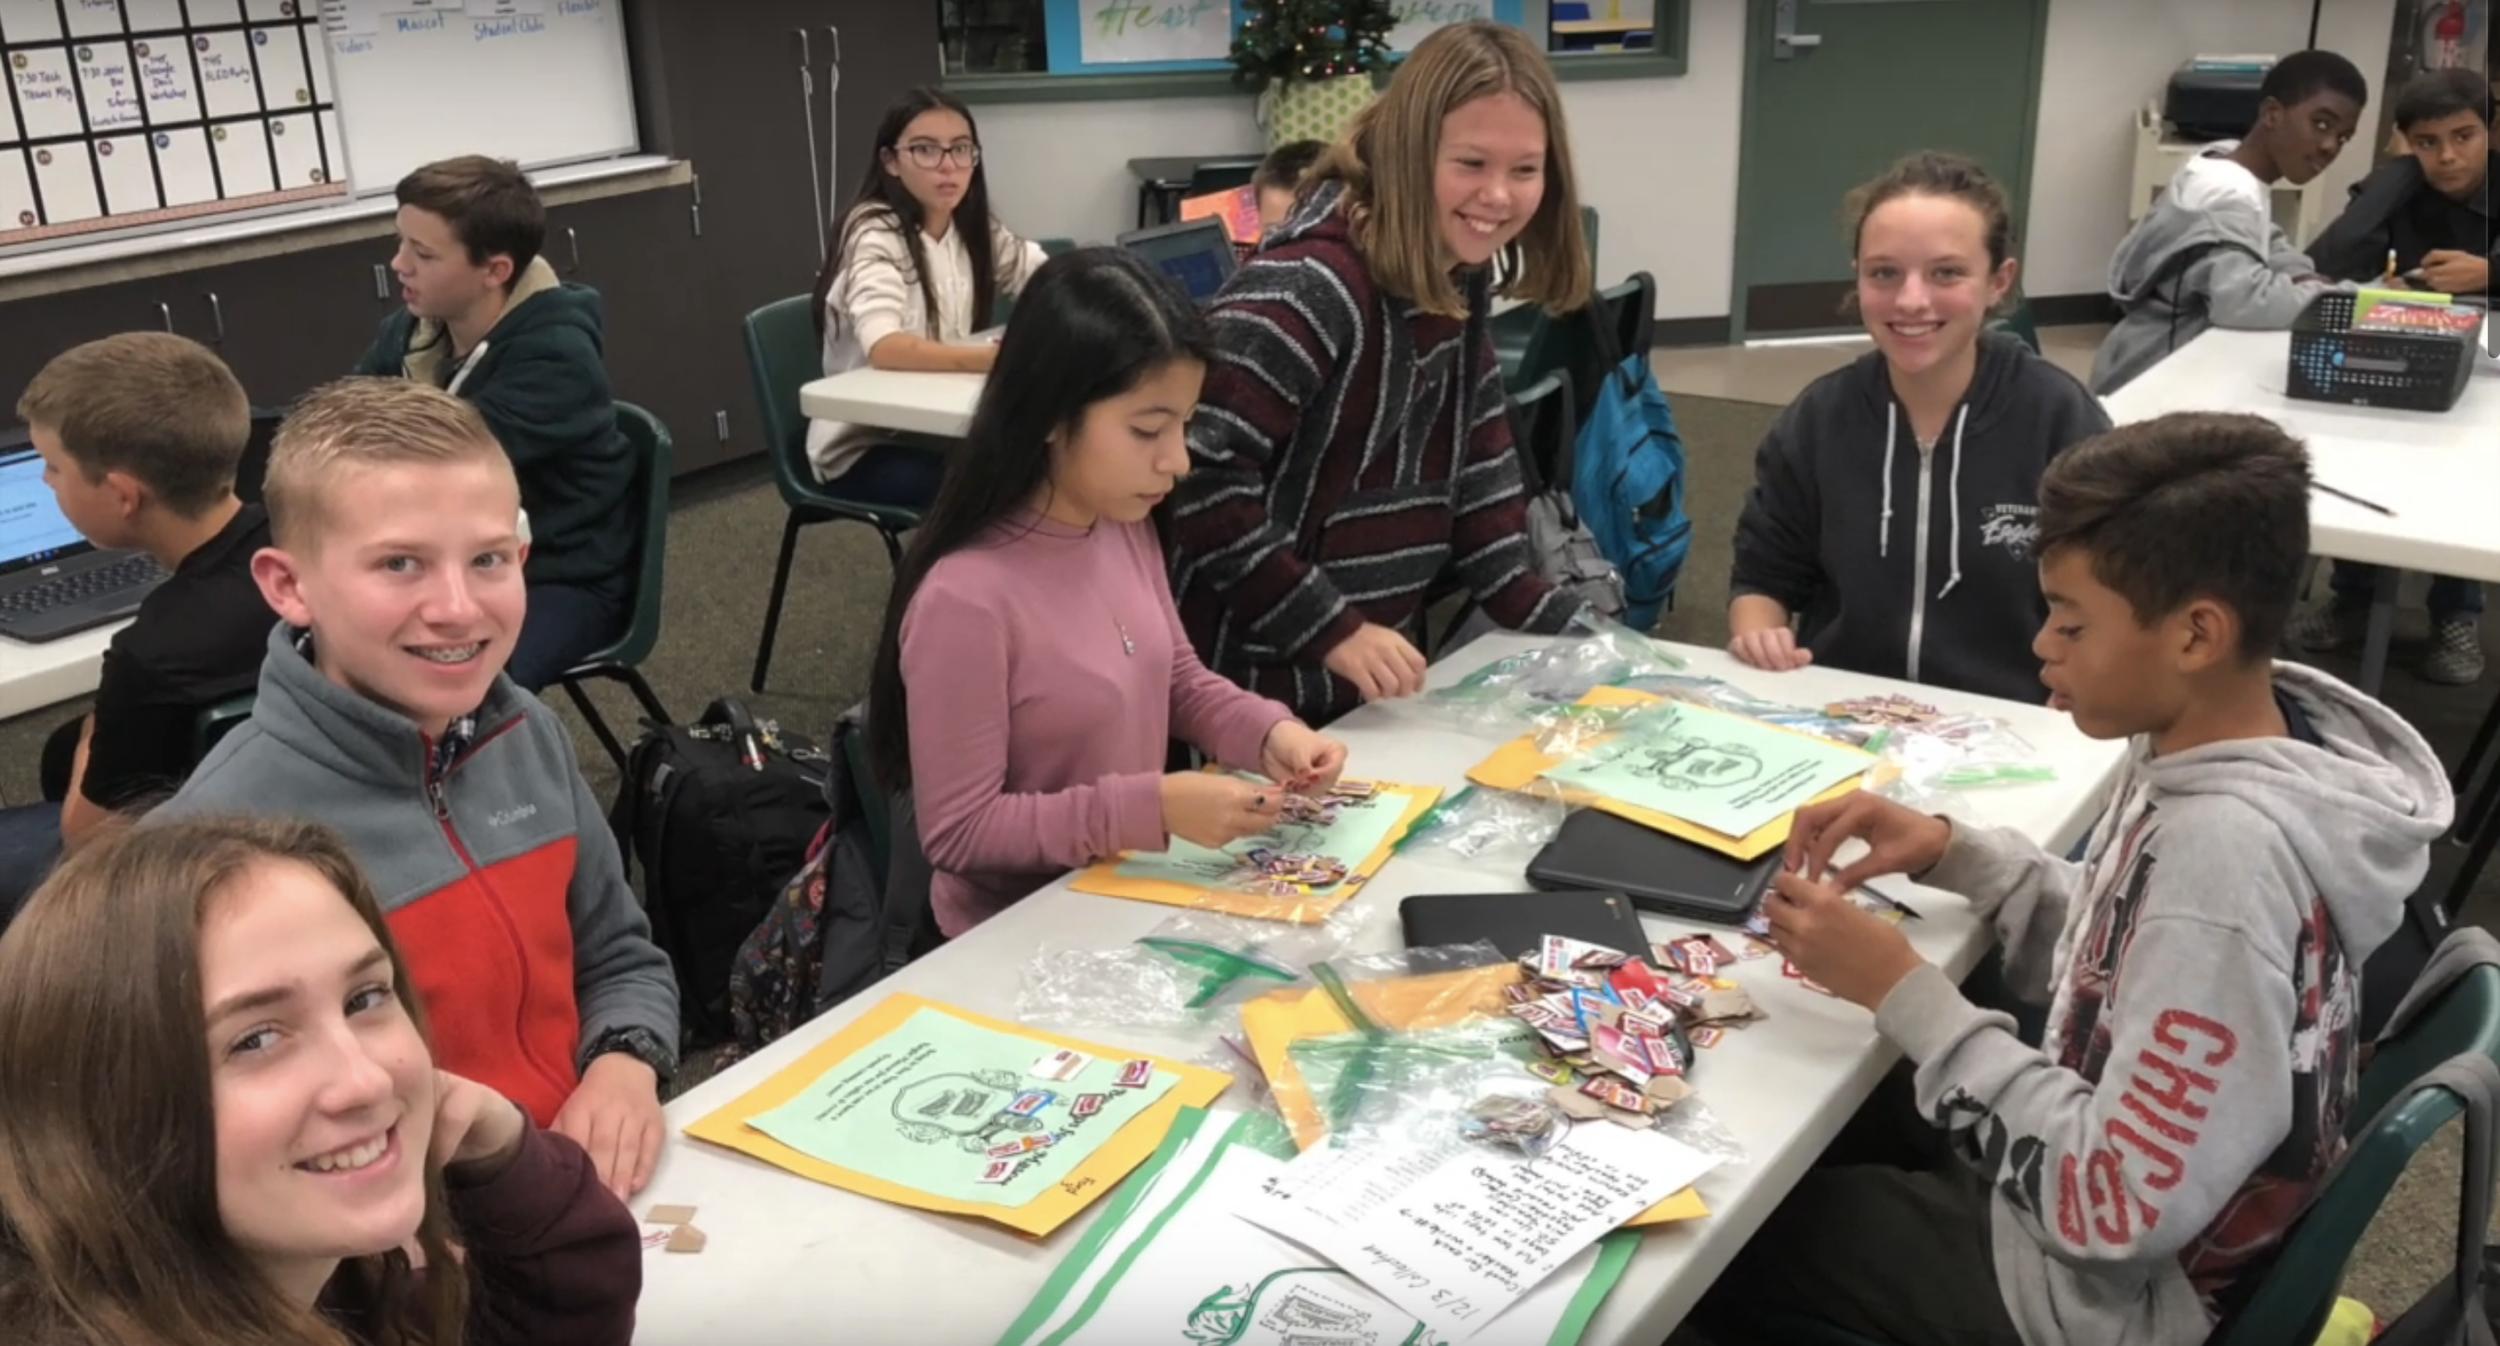 Norris SLED teammates preparing fundraiser materials